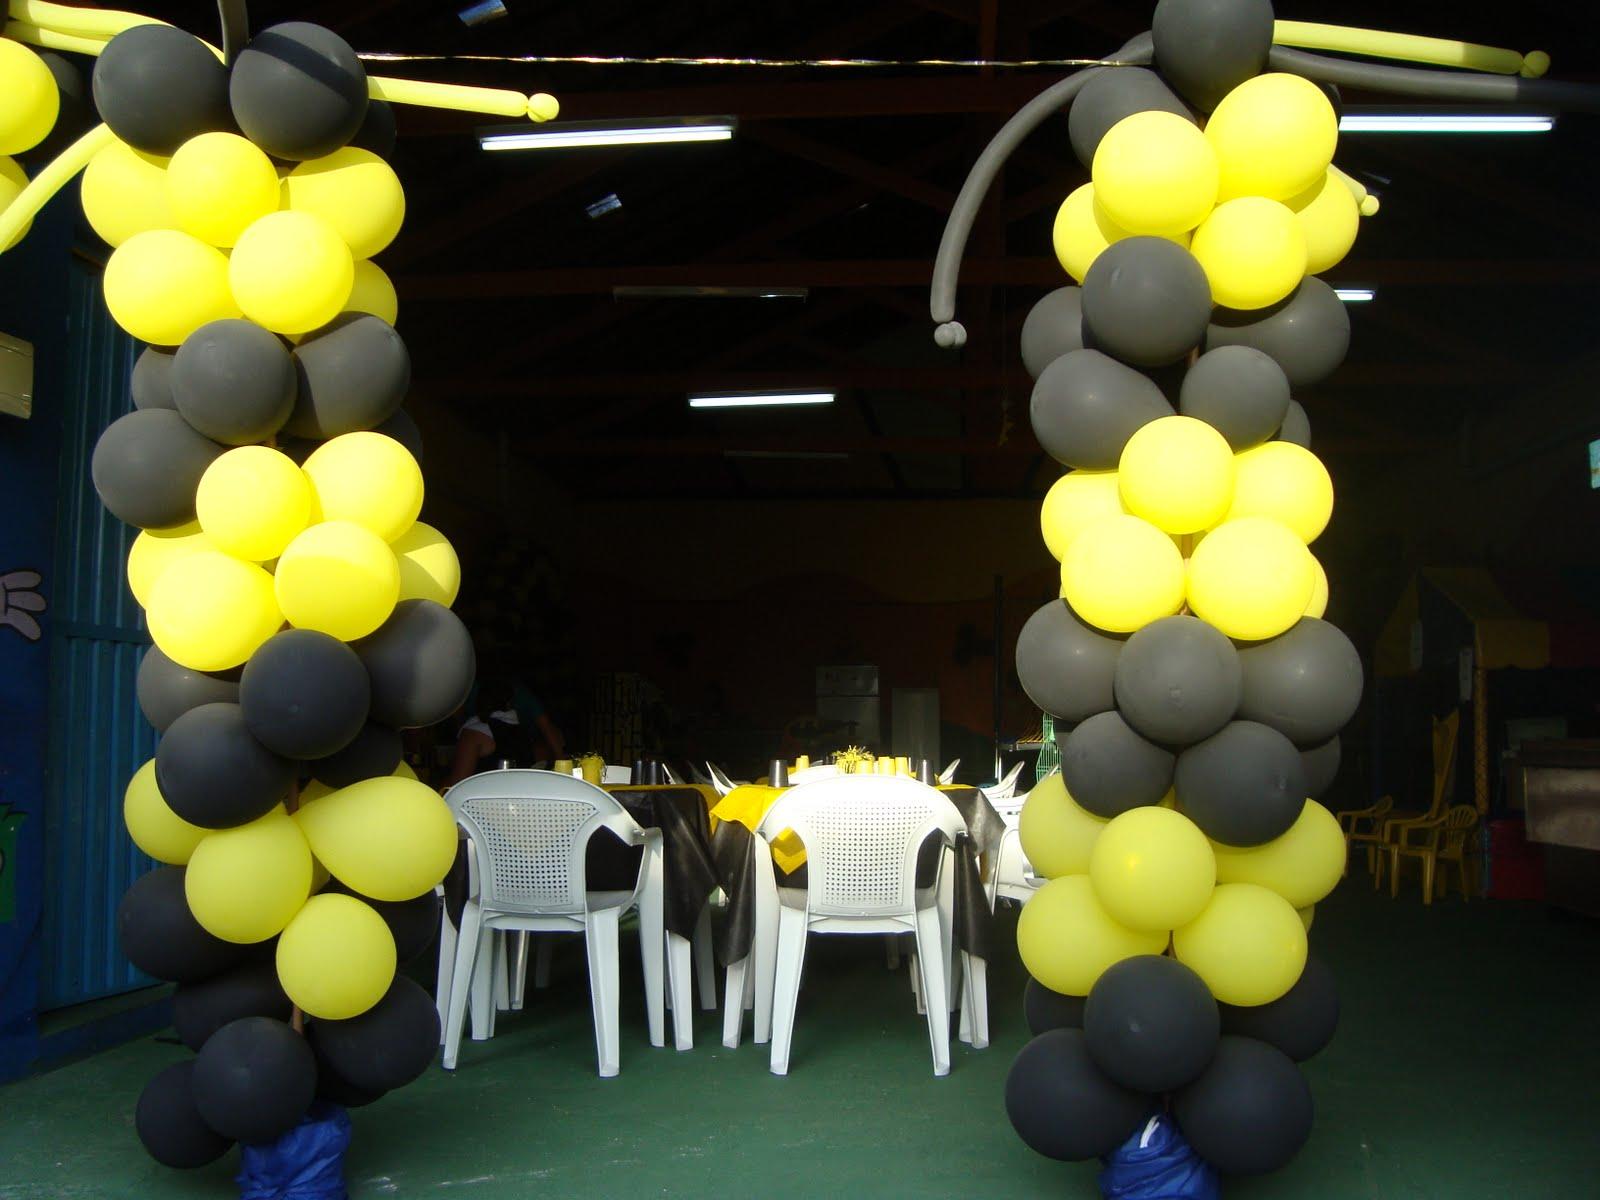 decoracao festa batman: festas Infantis/Brinquedos & Cia.: Festa com decoração do Batman